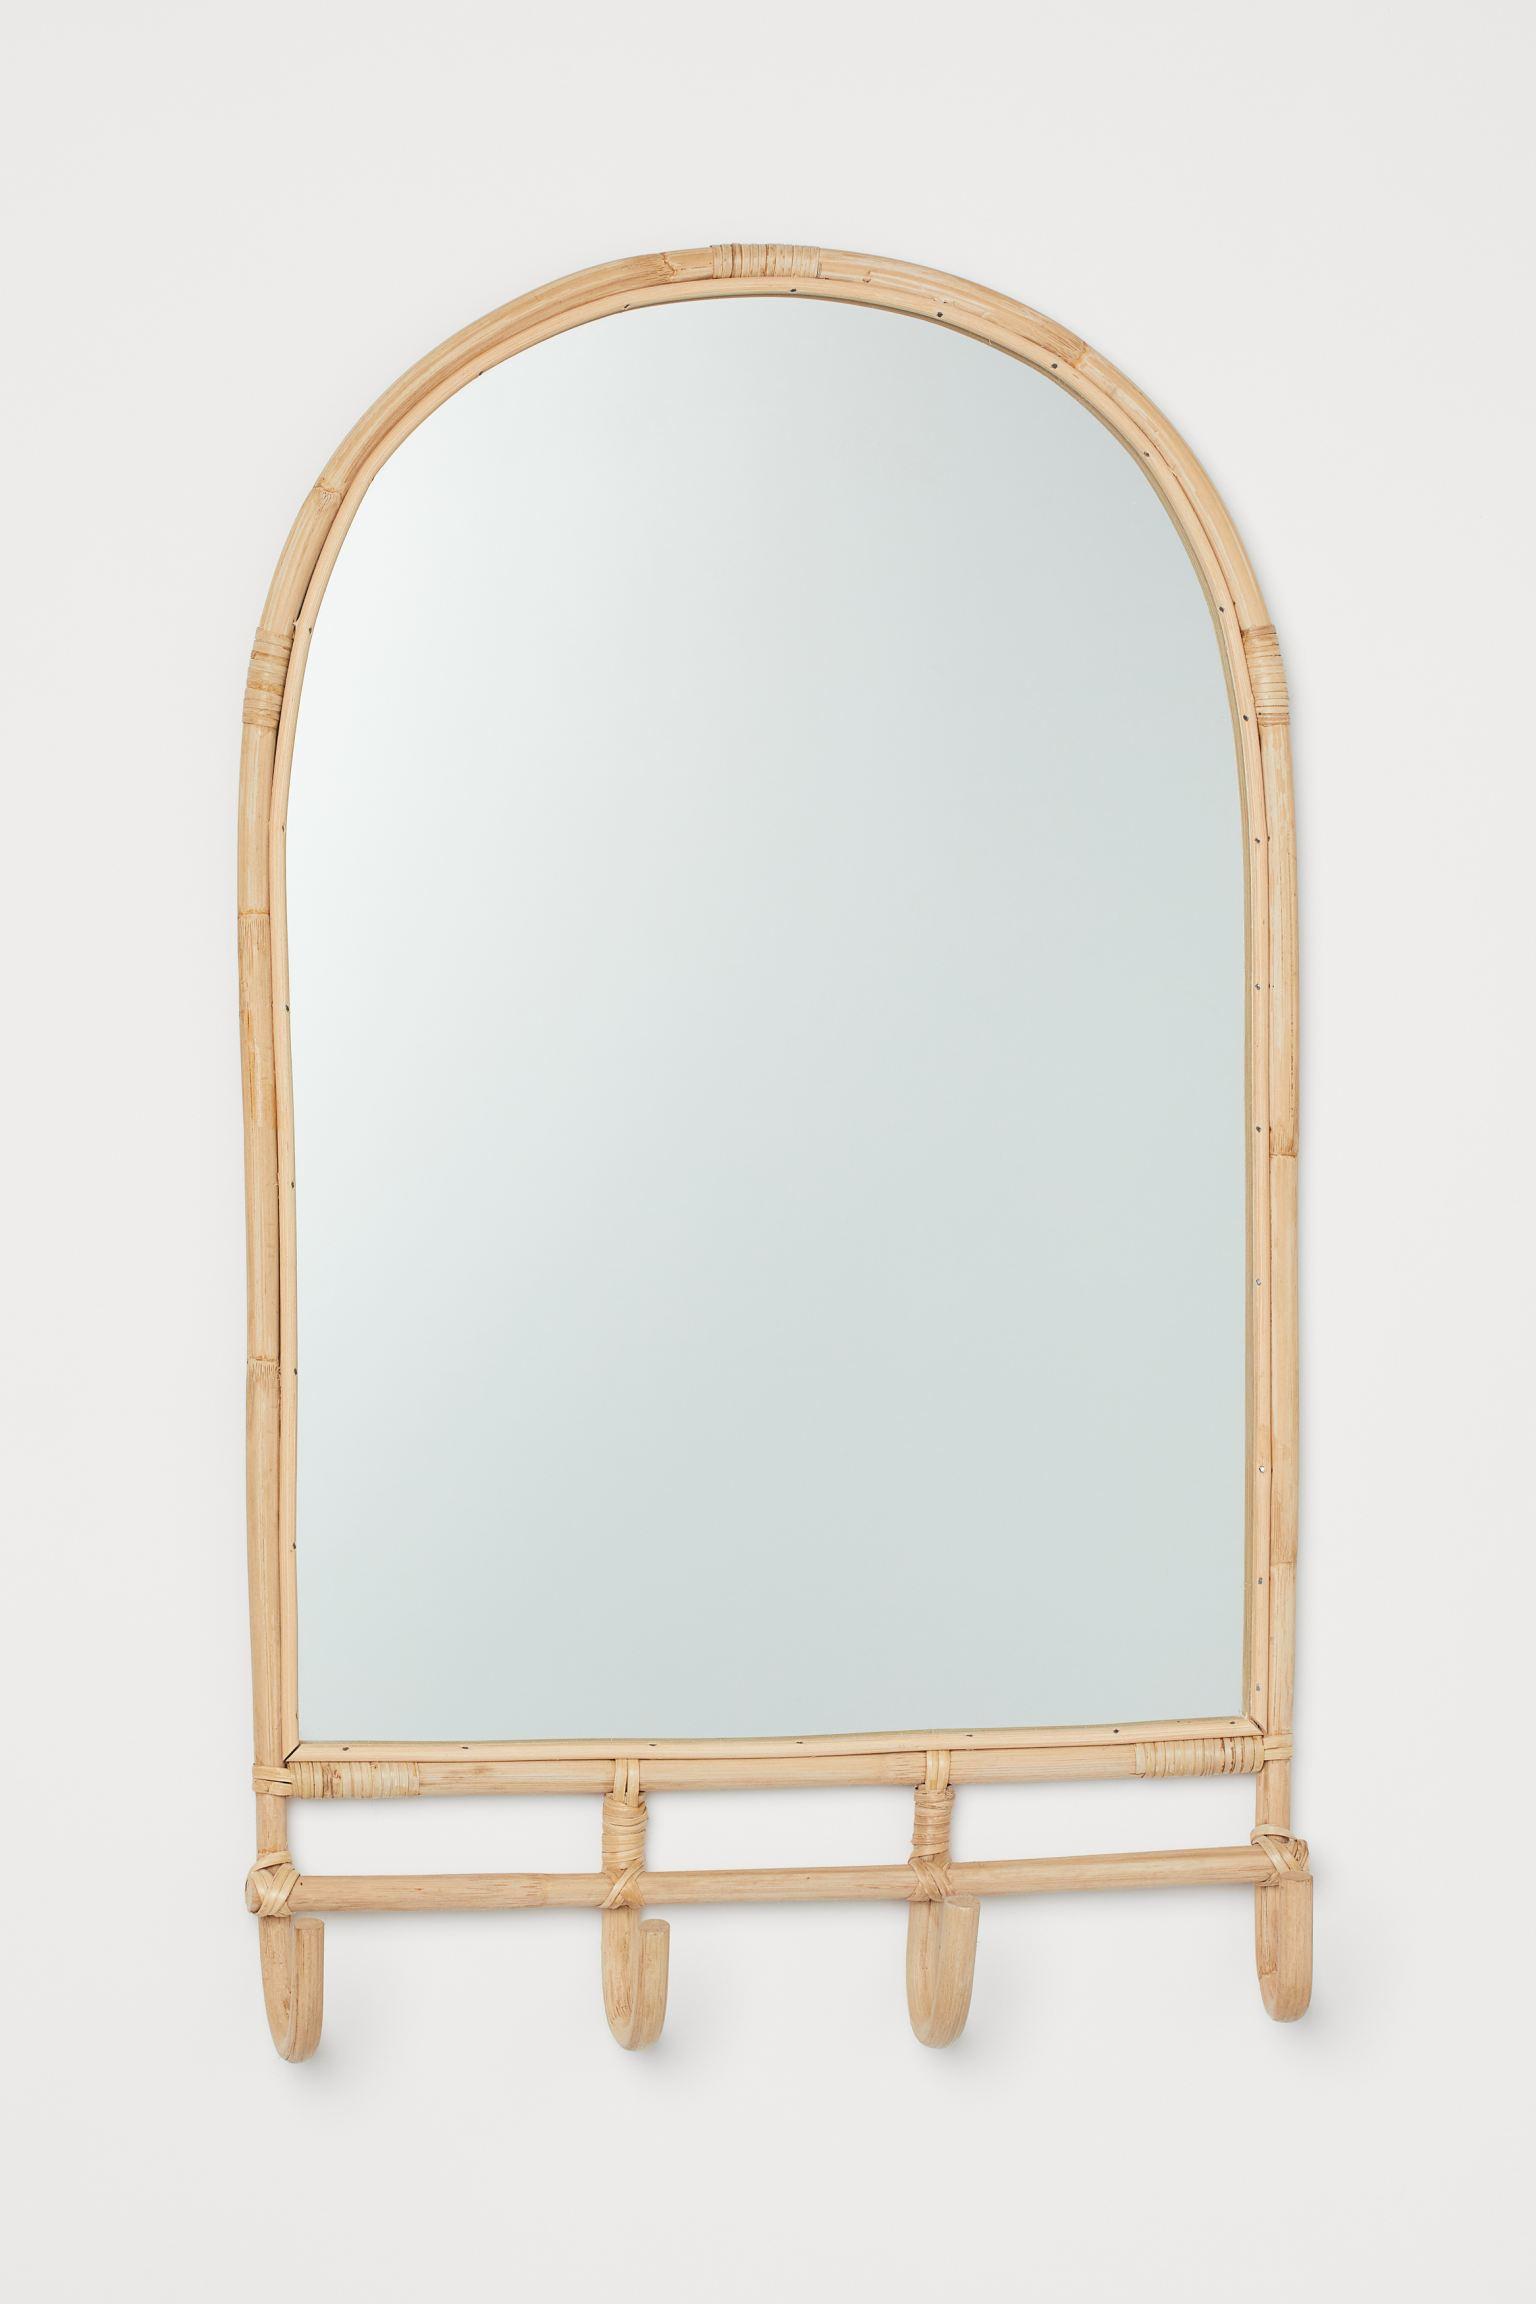 Espejo con marco de ratán, cuatro ganchos en la parte inferior y agujeros en la parte posterior para colgarlo.